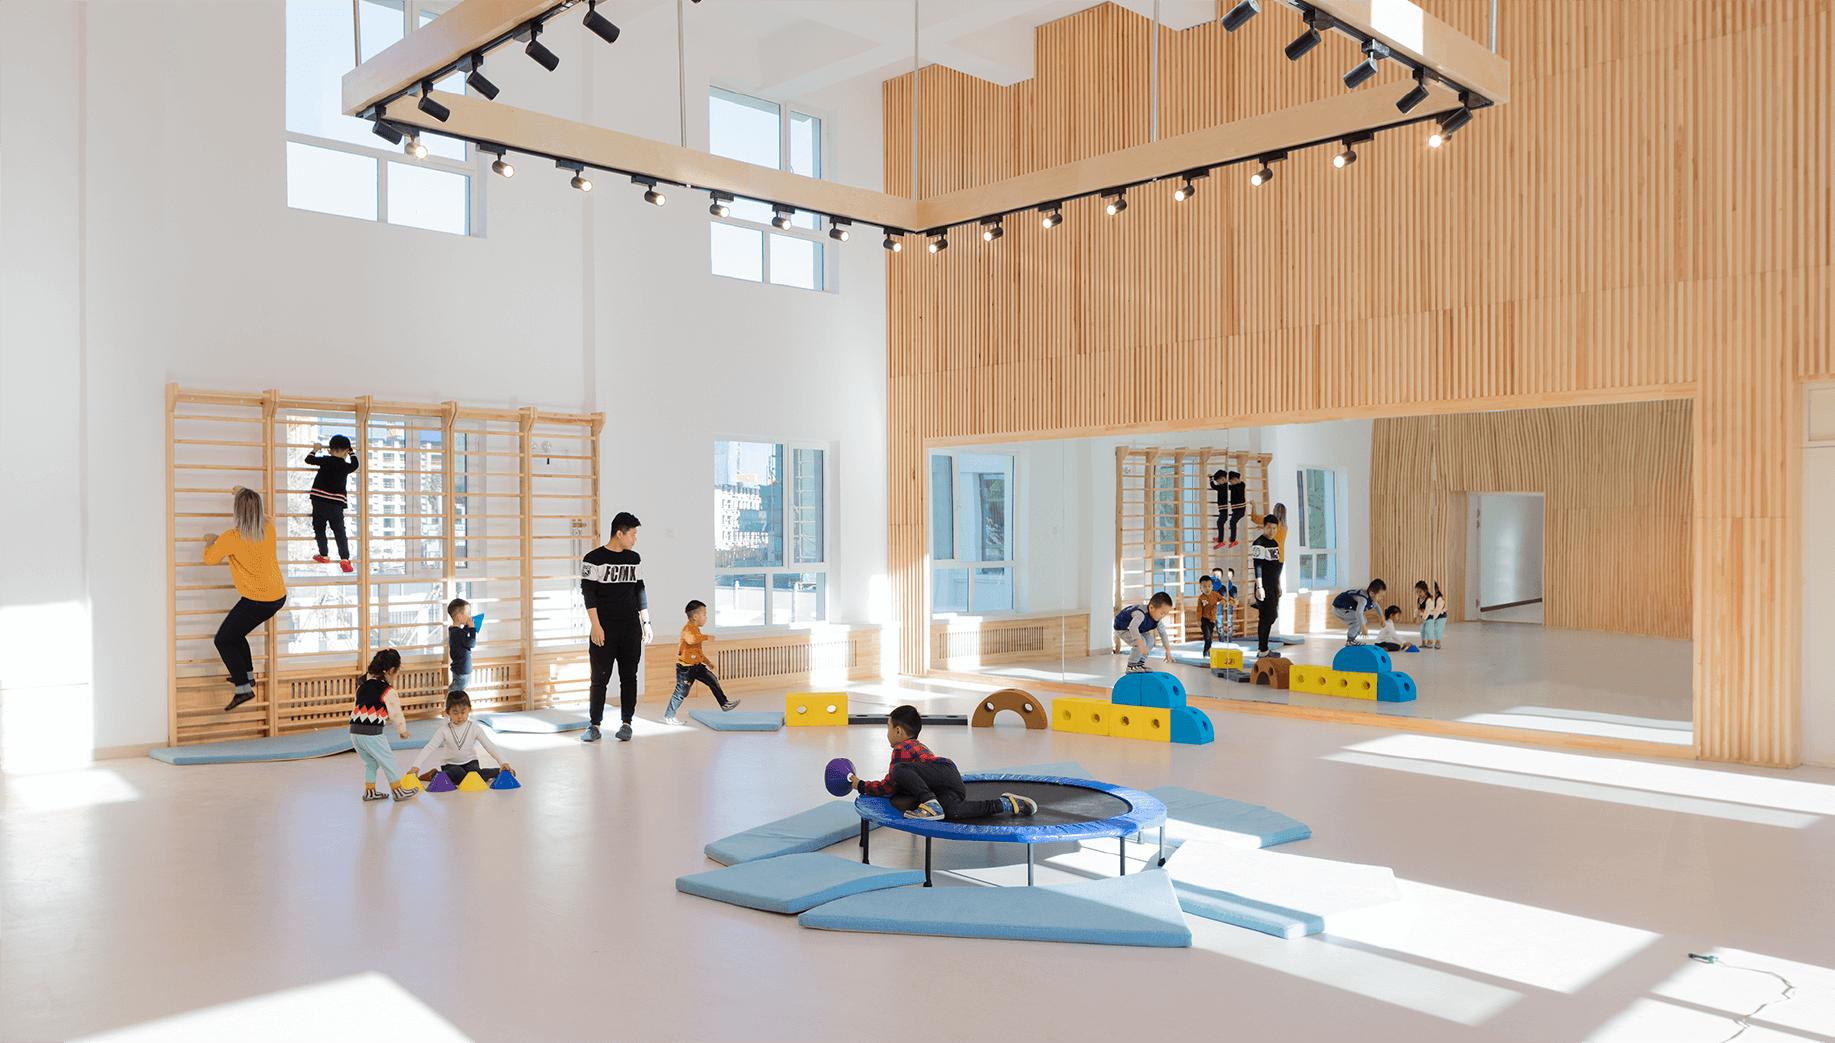 Space-design-preschool-kindergarten-880x500-51-55